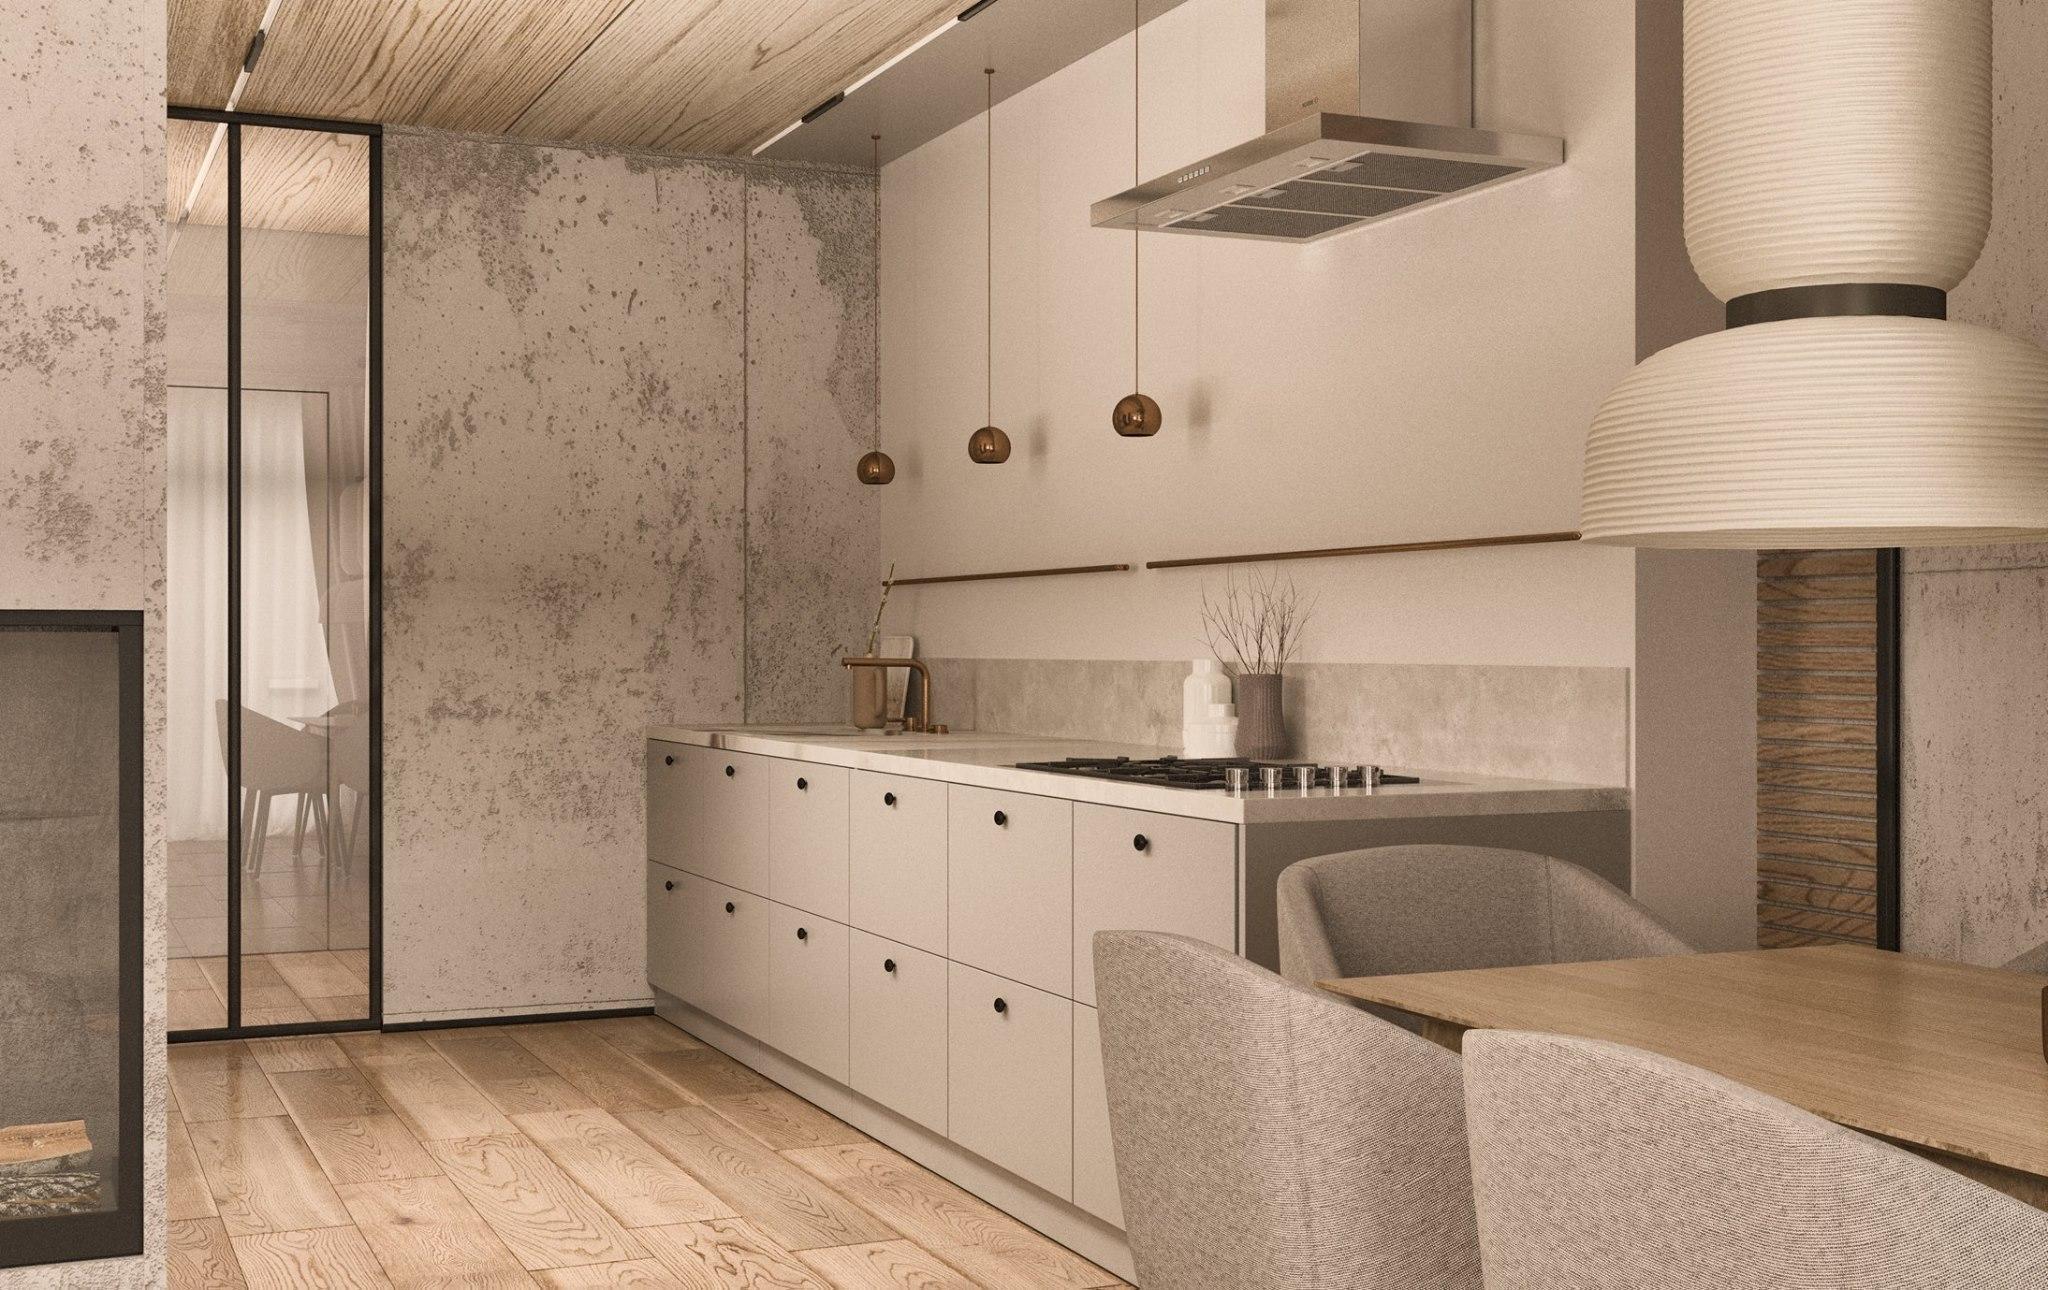 Drzwi _wiatrołap_ i Miedziane rurki (w kuchni nad blatem jako dekorancja)